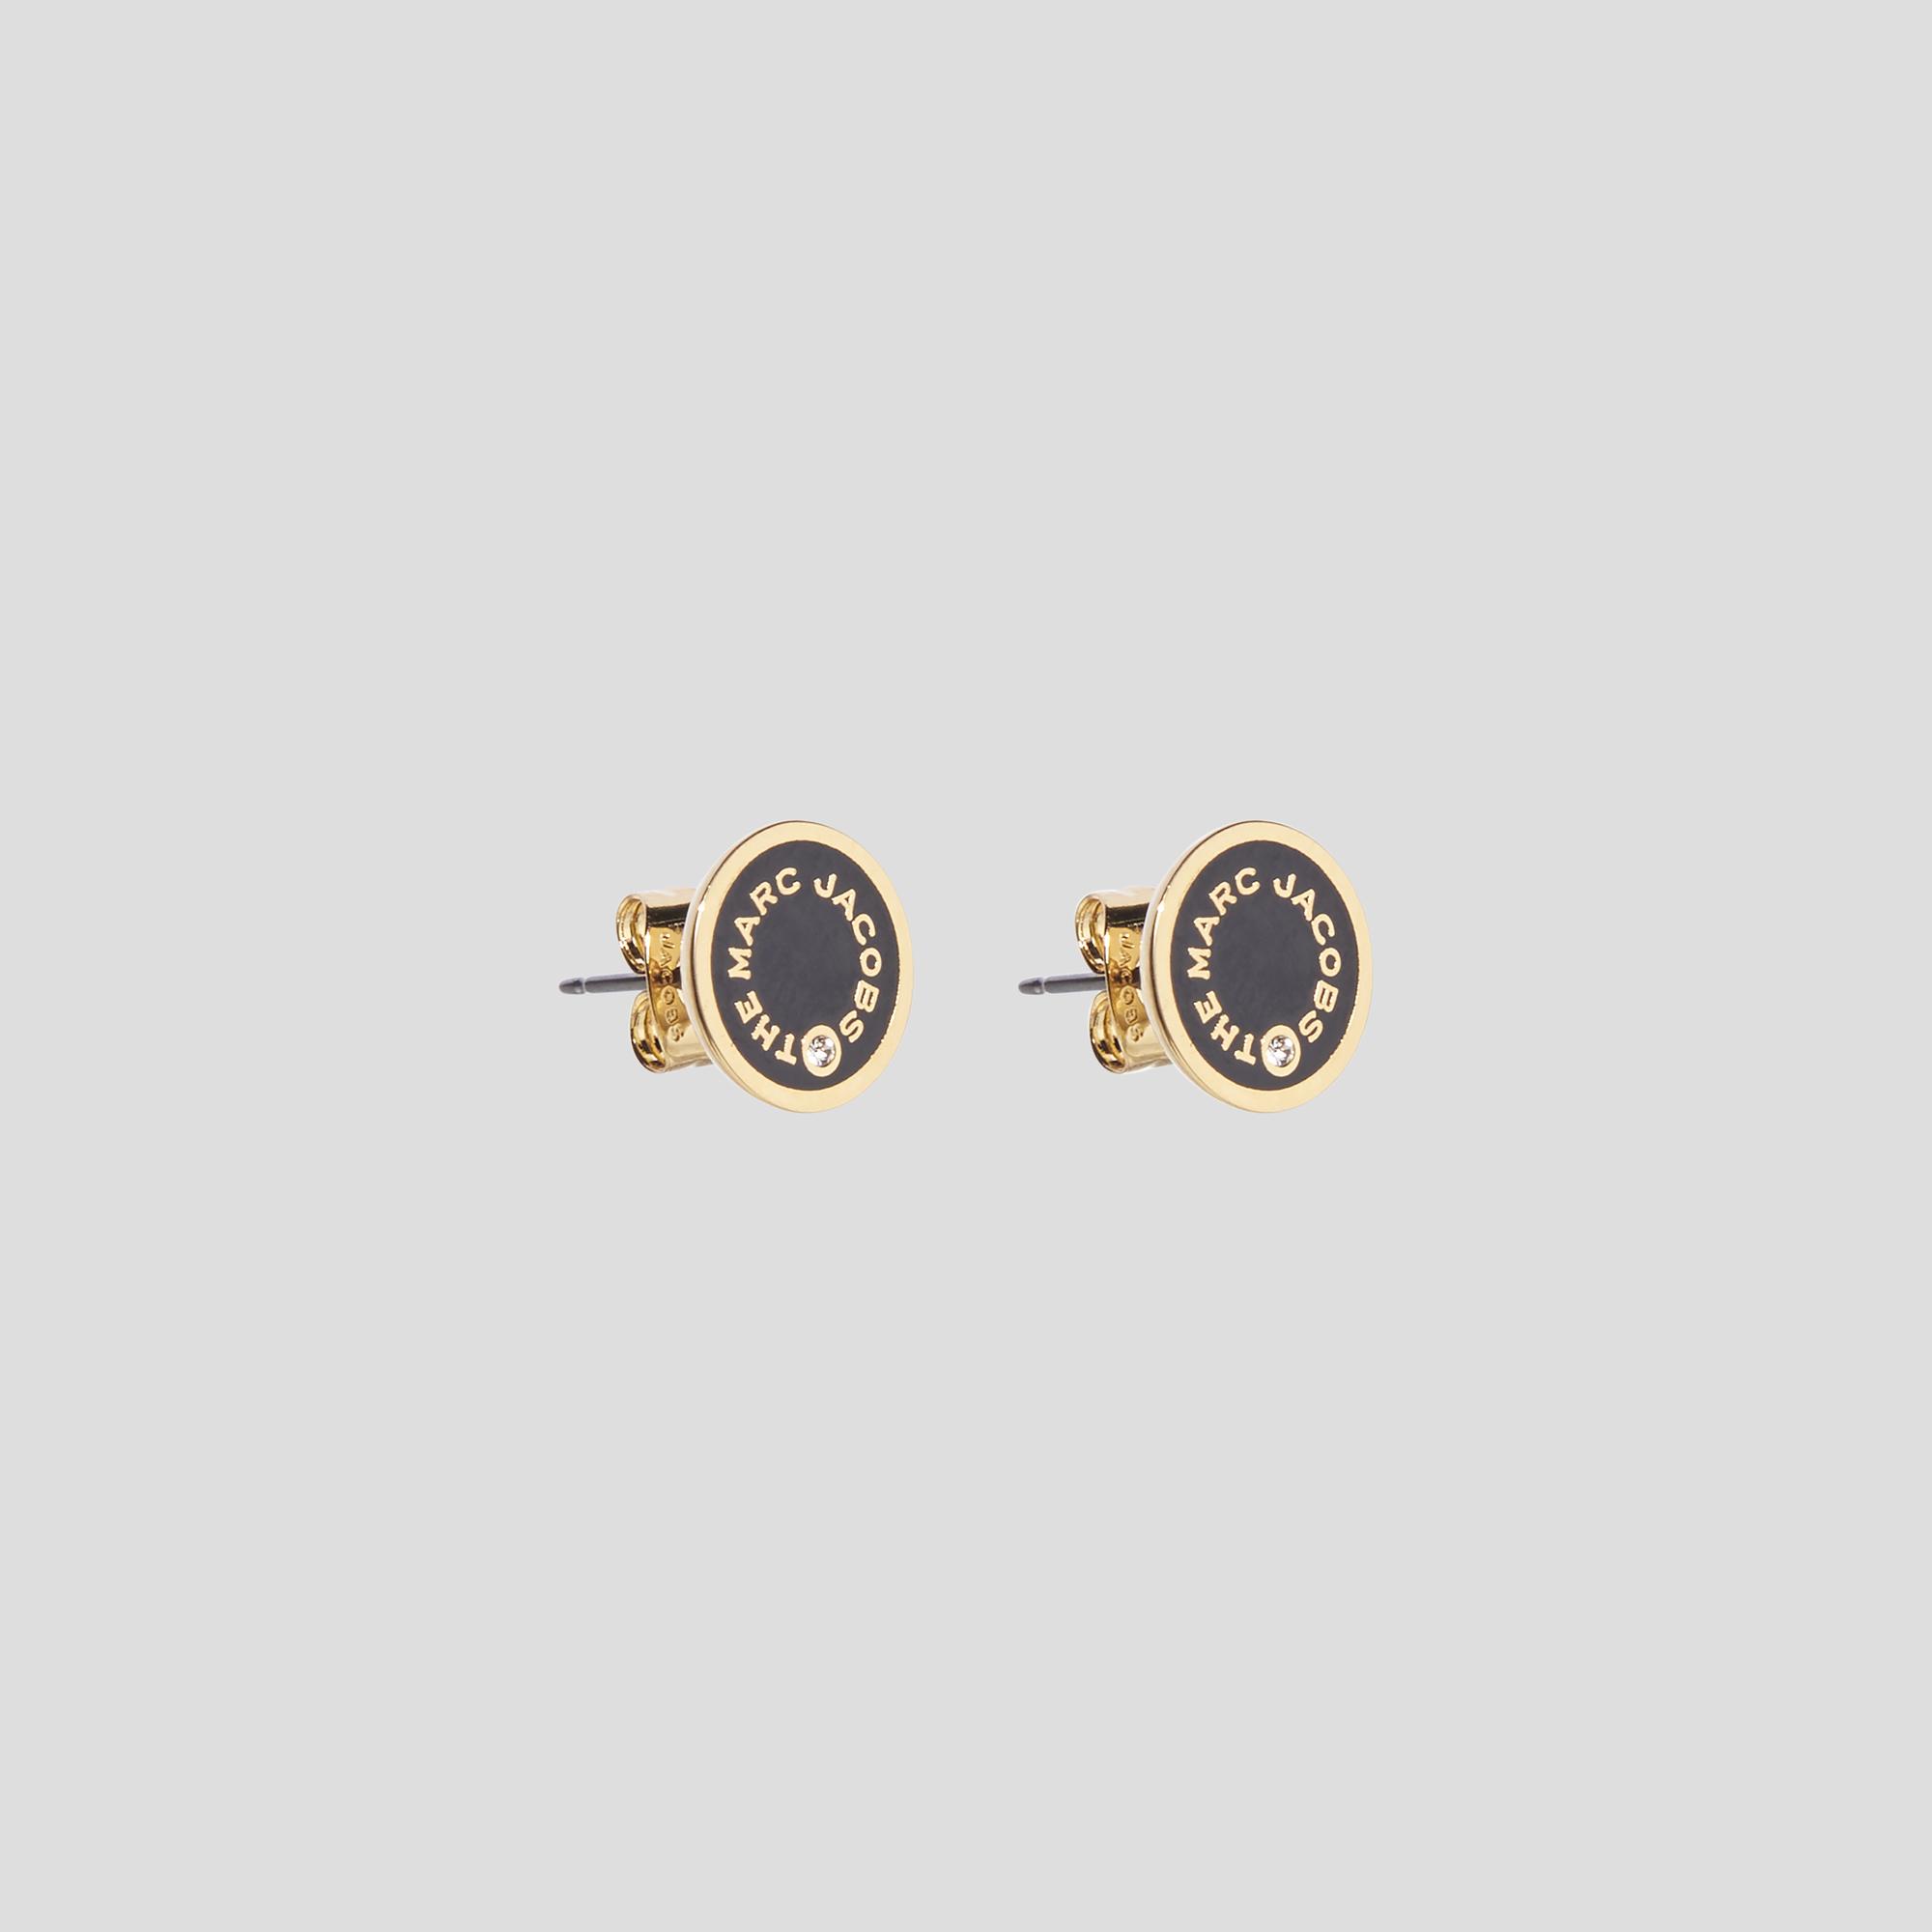 Marc Jacobs The Medallion Studs øreringe, black/gold